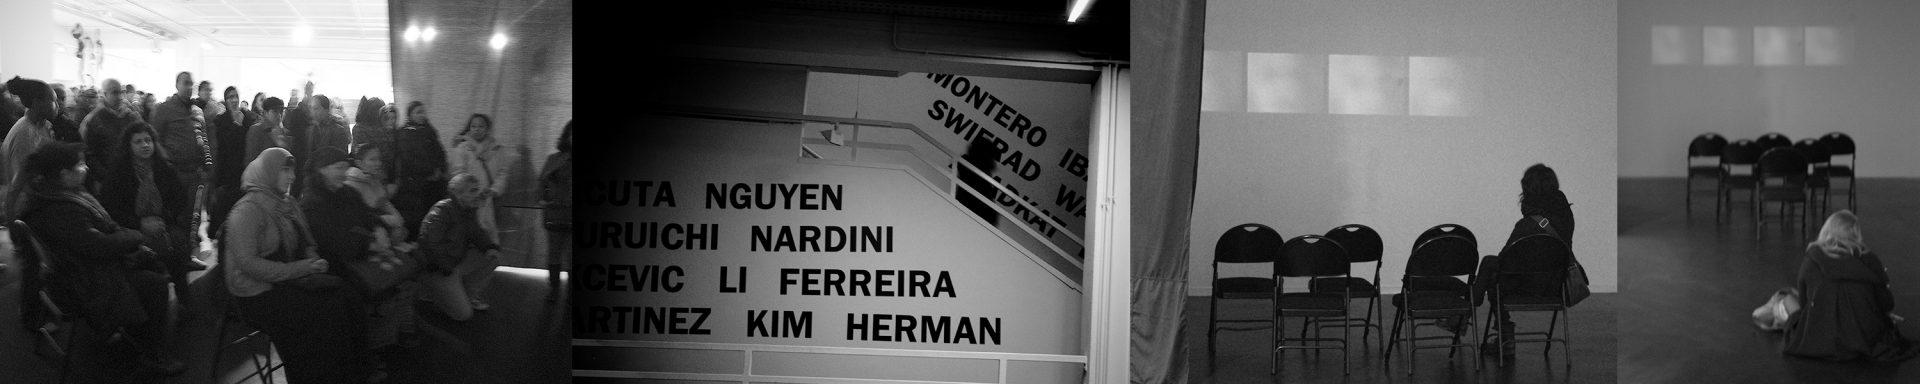 Thierry Ferreira na3